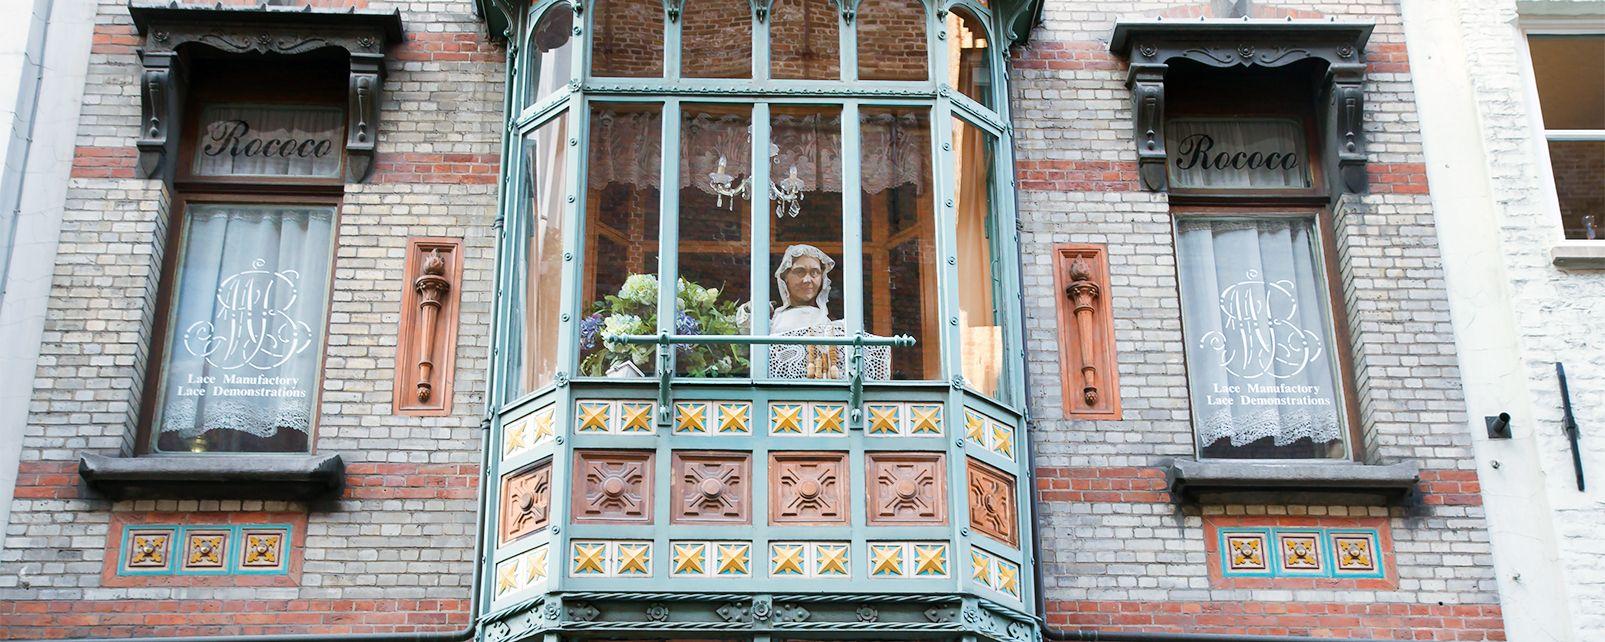 La casa Alijn a Gand, I musei delle tradizioni e del folklore, Le arti e la cultura, Belgio